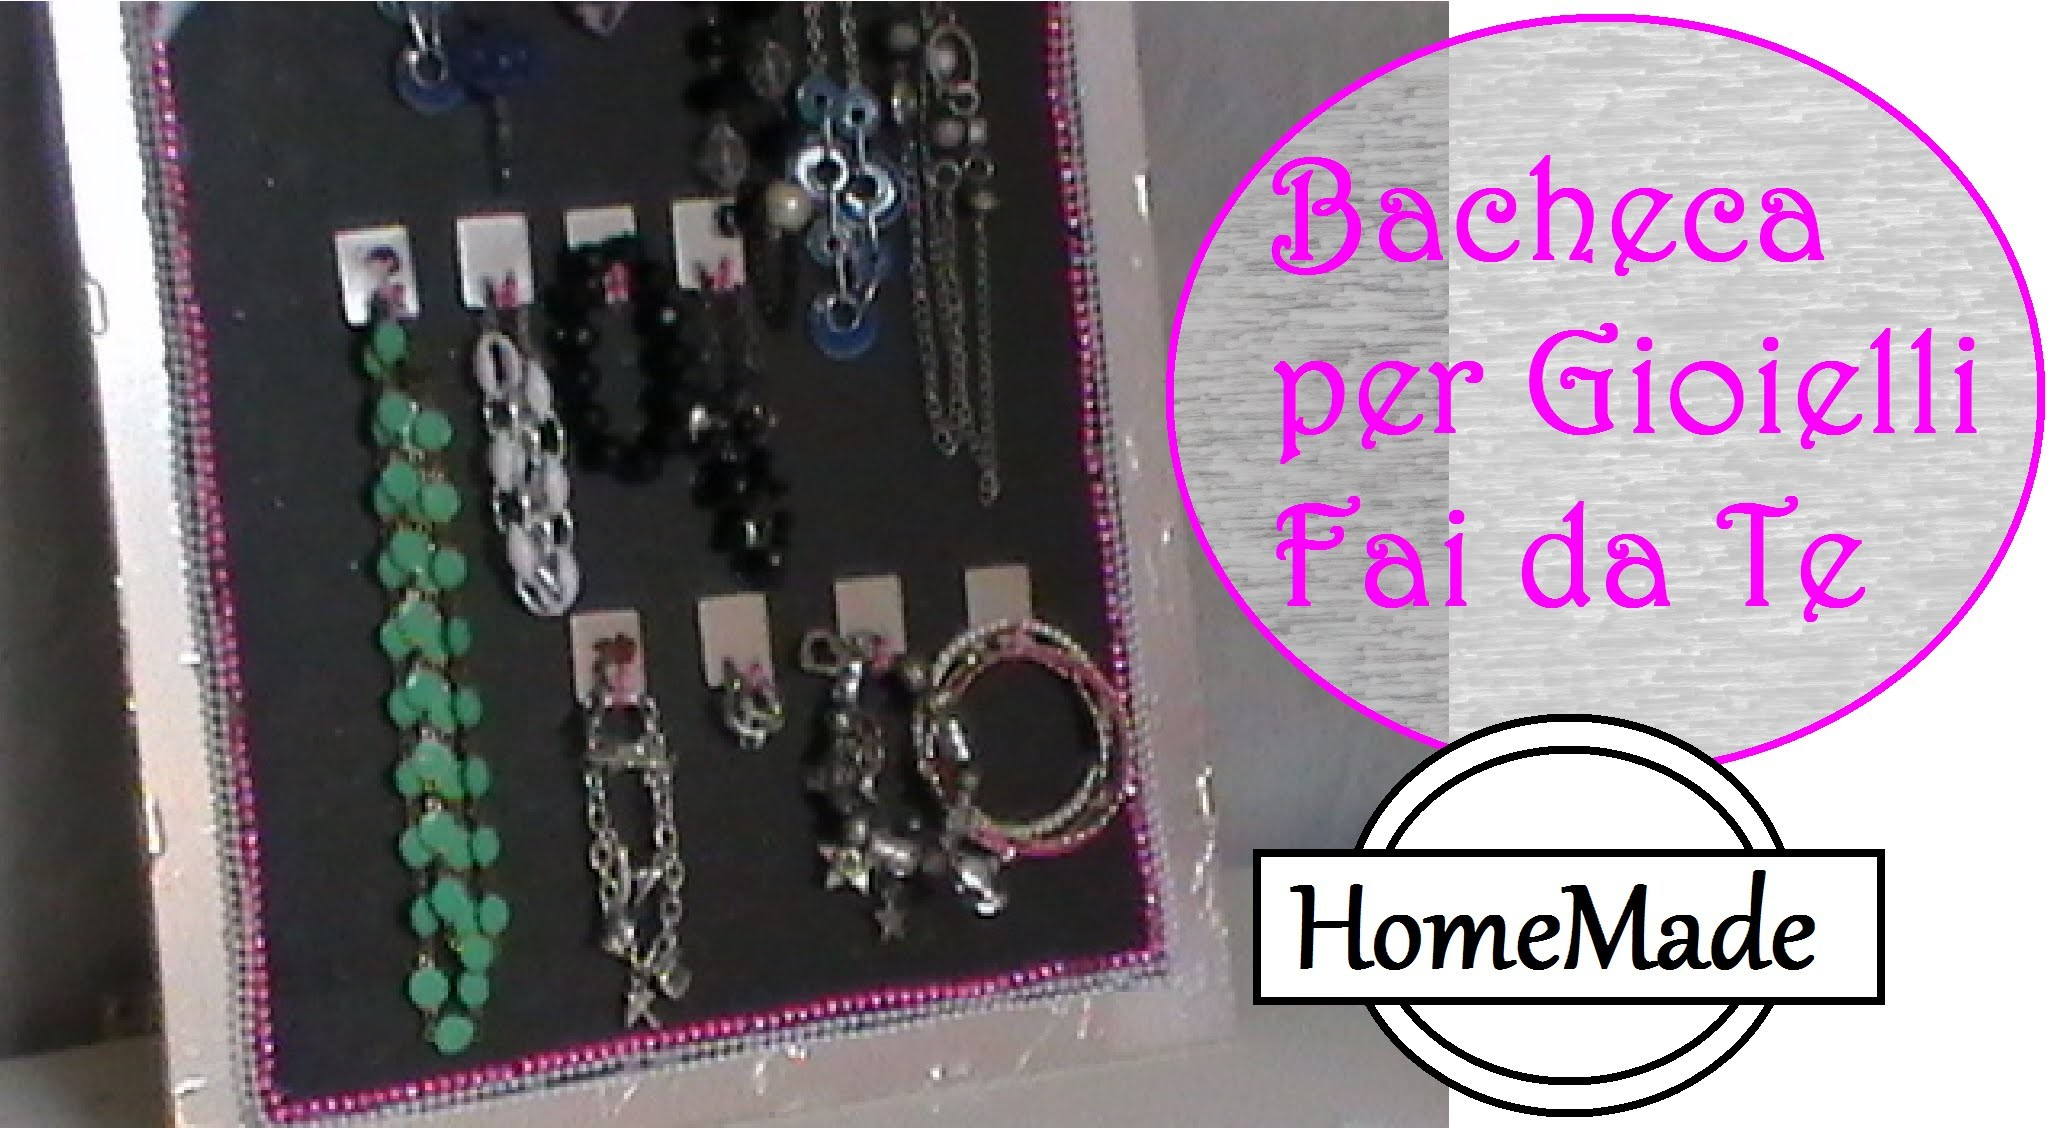 Bacheca per Gioielli Fai da Te. diy jewelry organizer